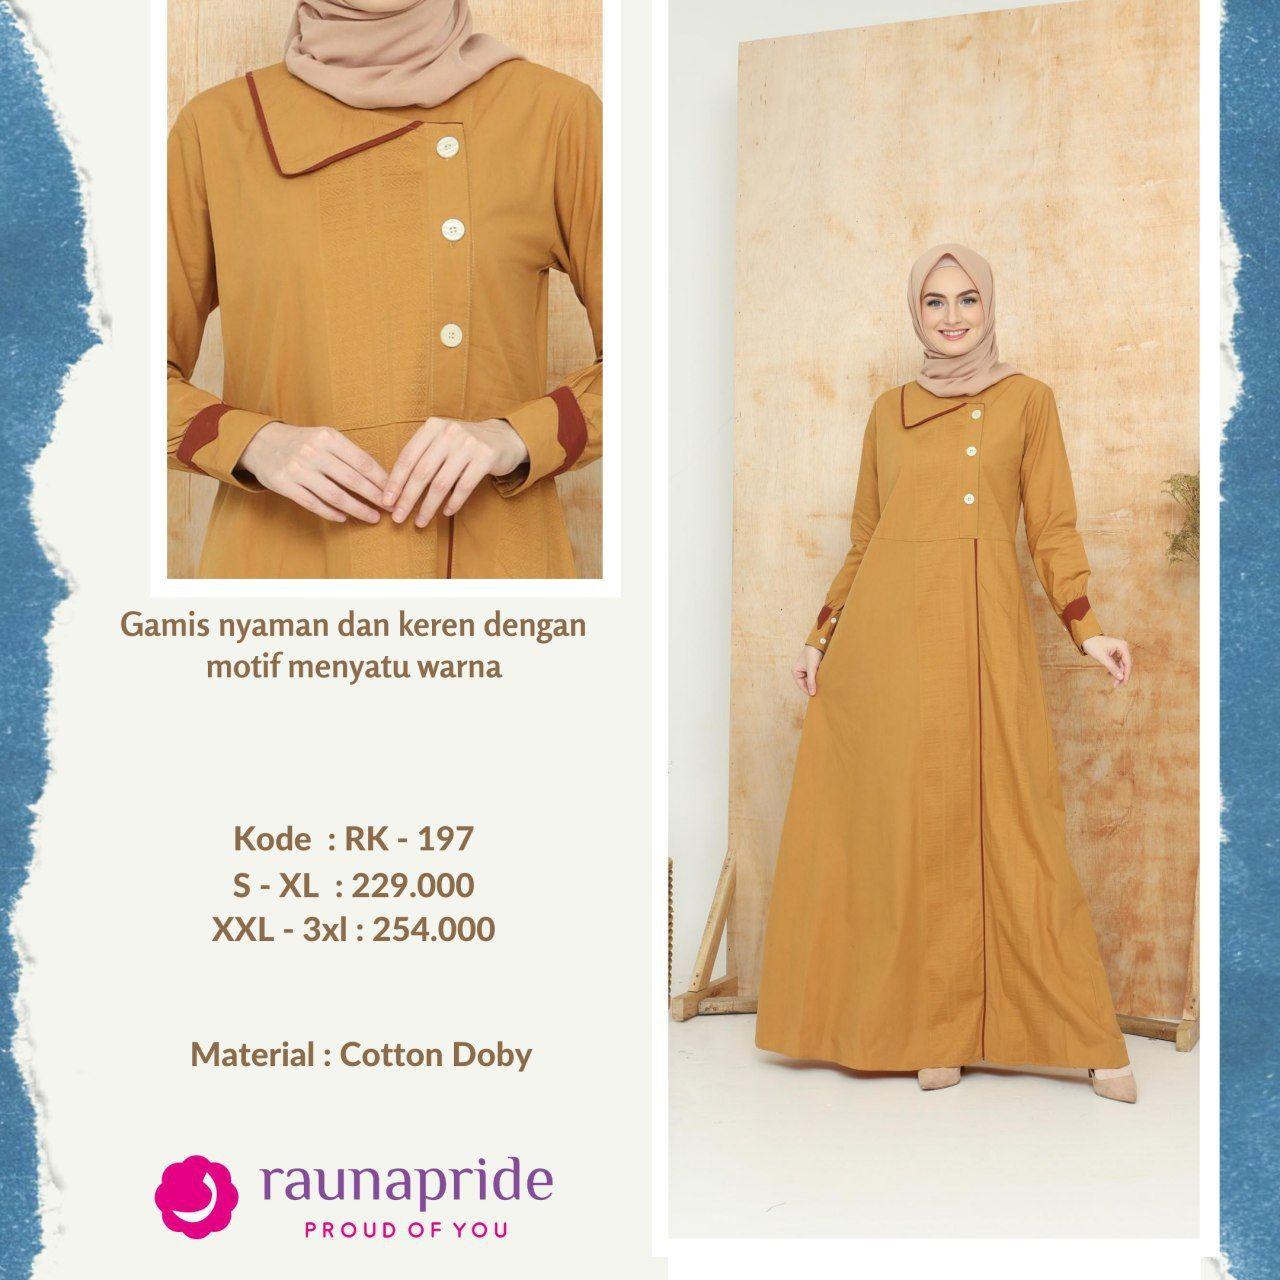 Termurah Wa 62896 1230 8363 Baju Gamis Rauna Pemalang Baju Rauna Terbaru Pemalang Baju Rauna Fashion Shirt Dress Dresses